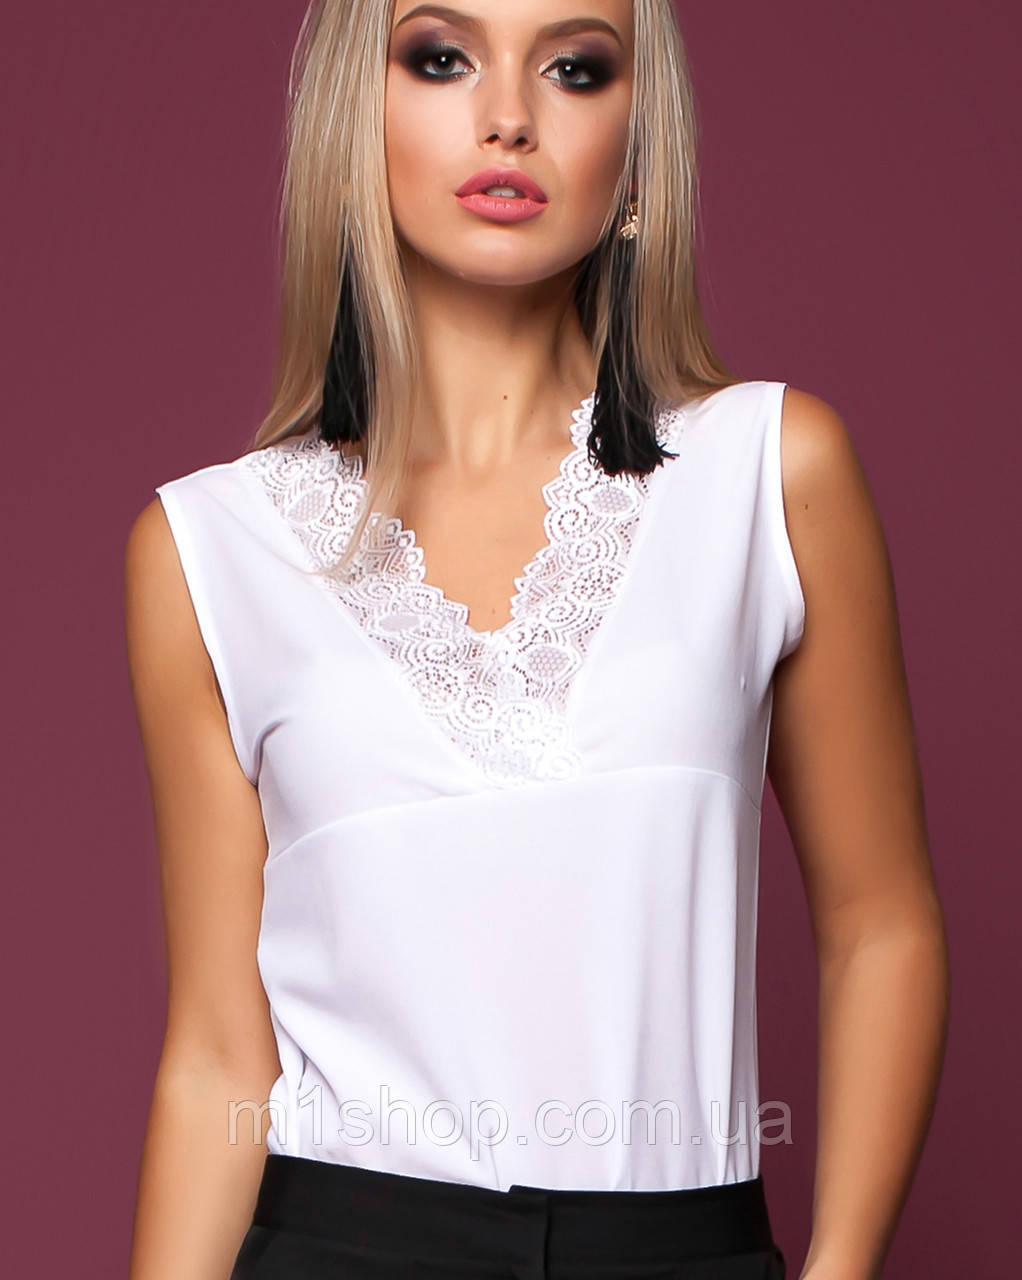 Женская блузка без рукавов с кружевом (Окси jd)